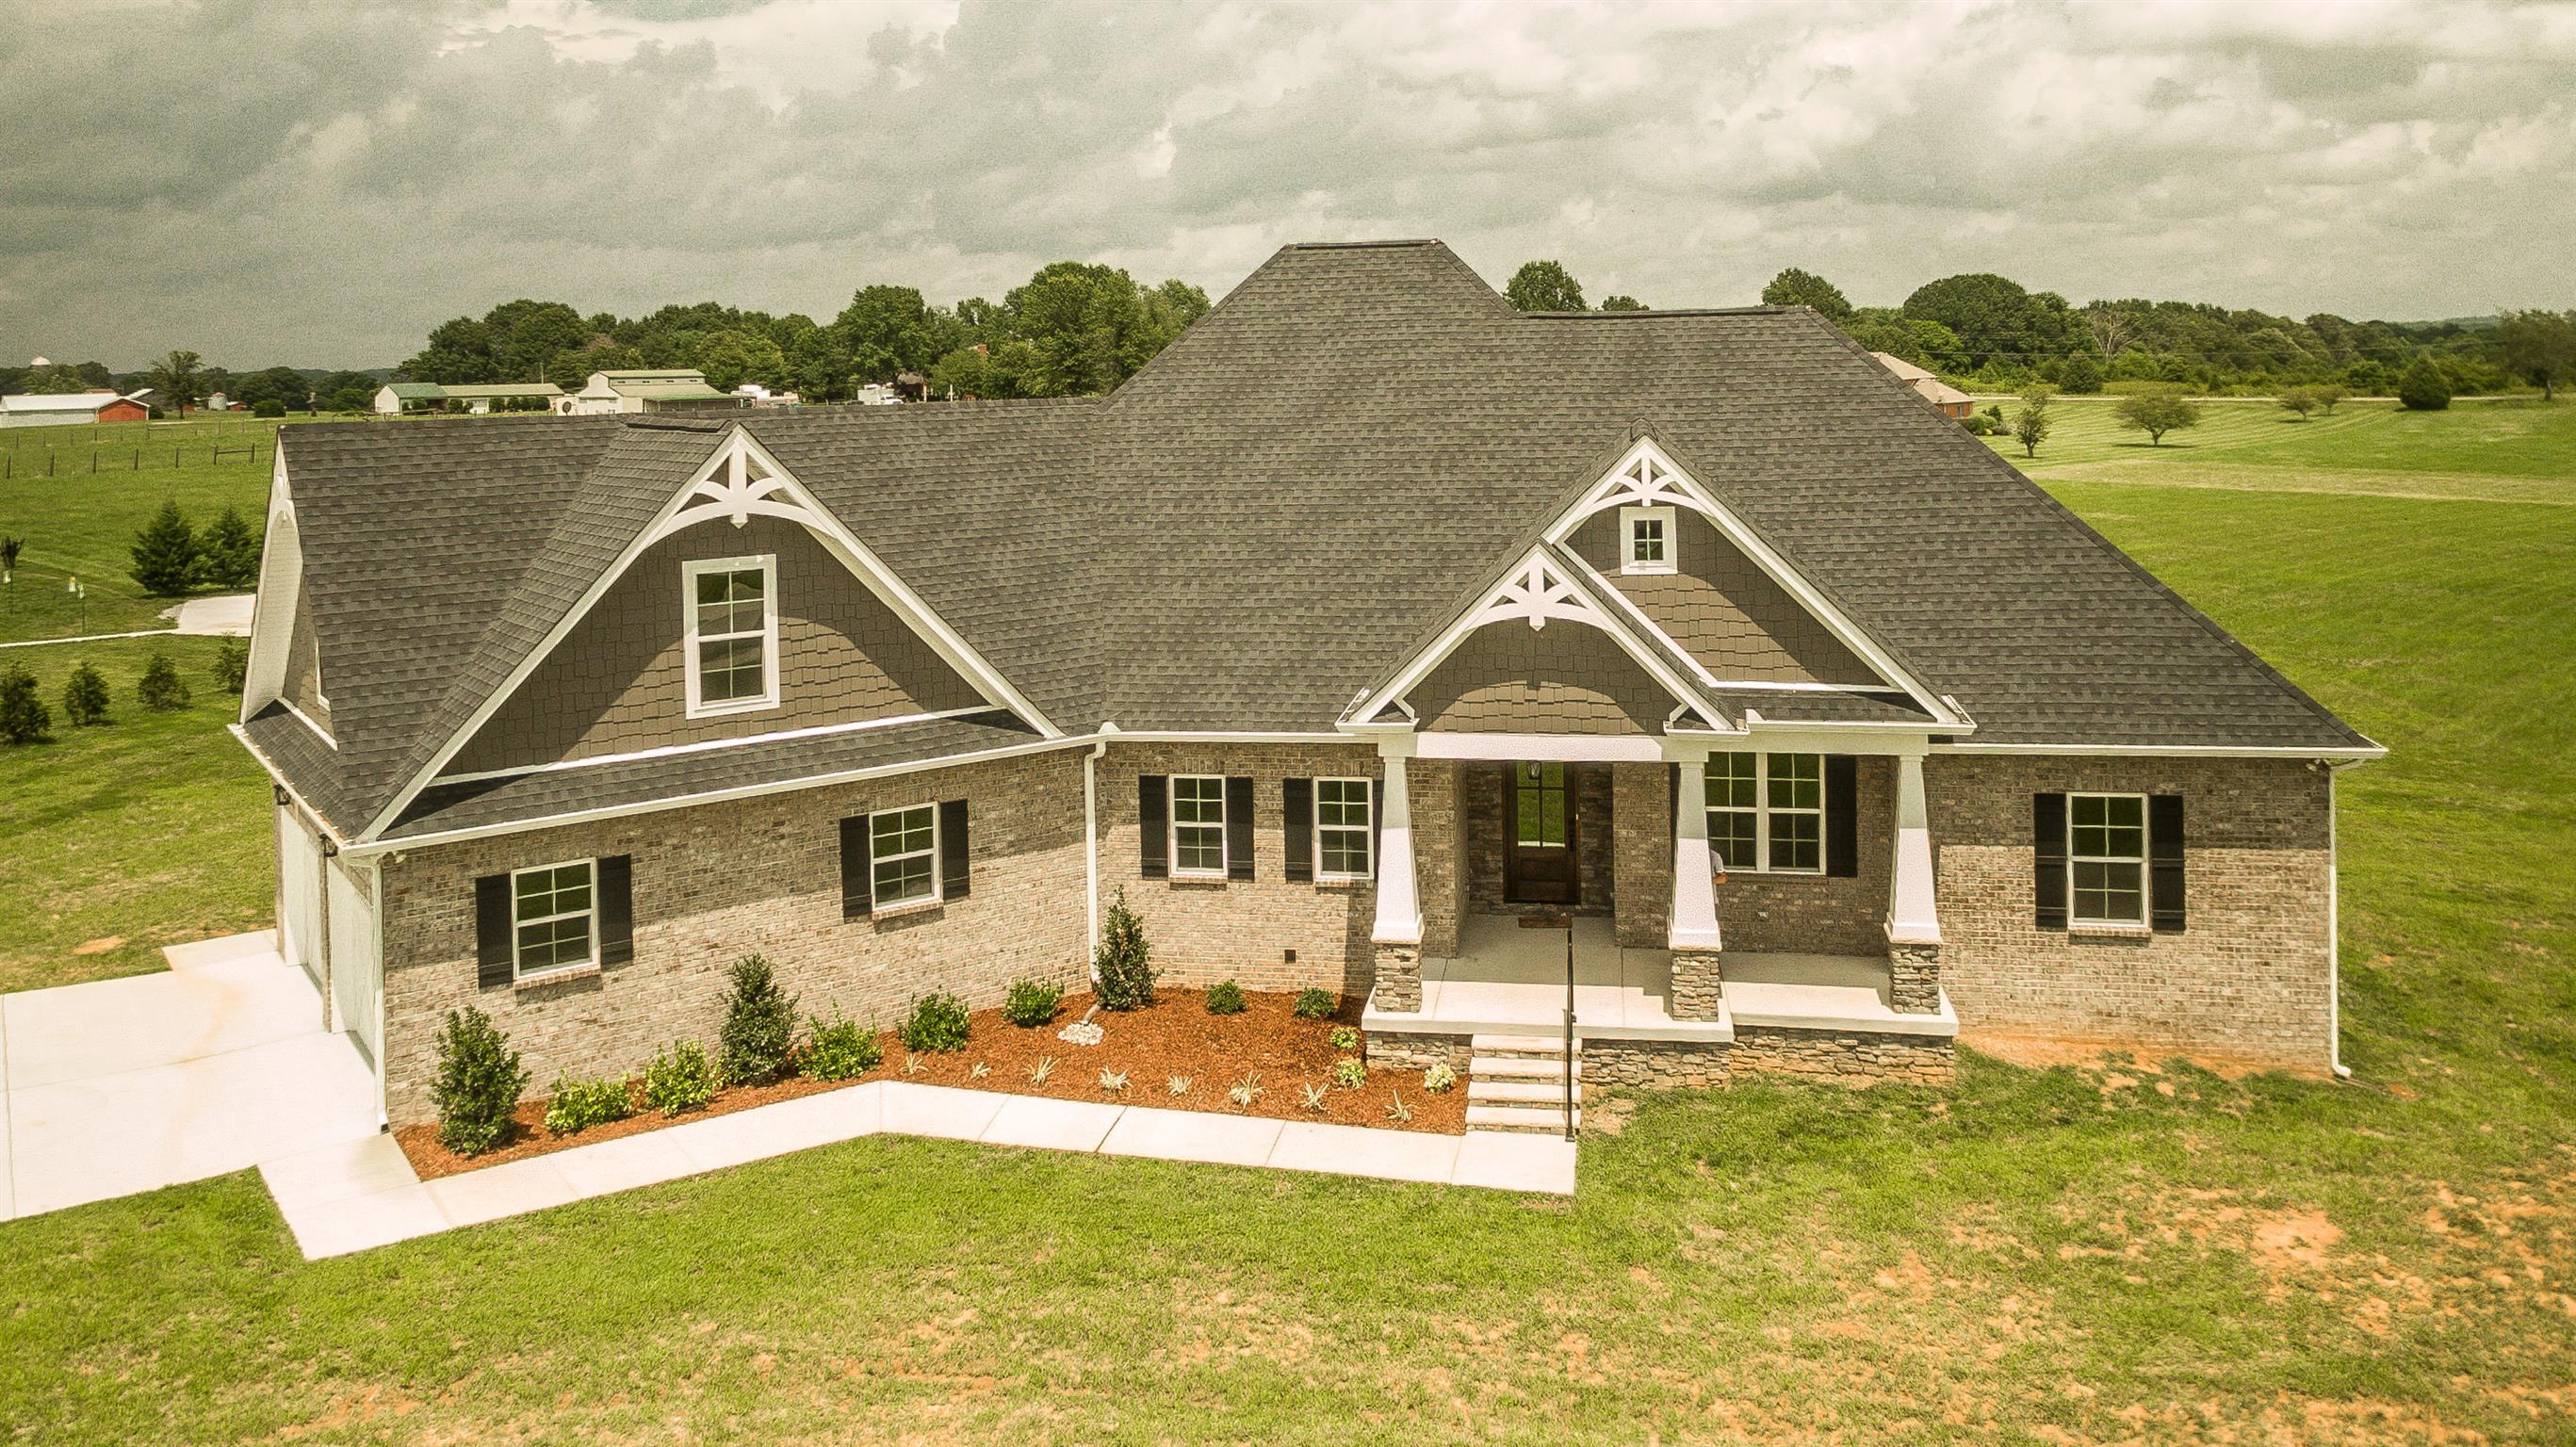 112 Wind Wood Dr, Portland, TN 37148 - Portland, TN real estate listing